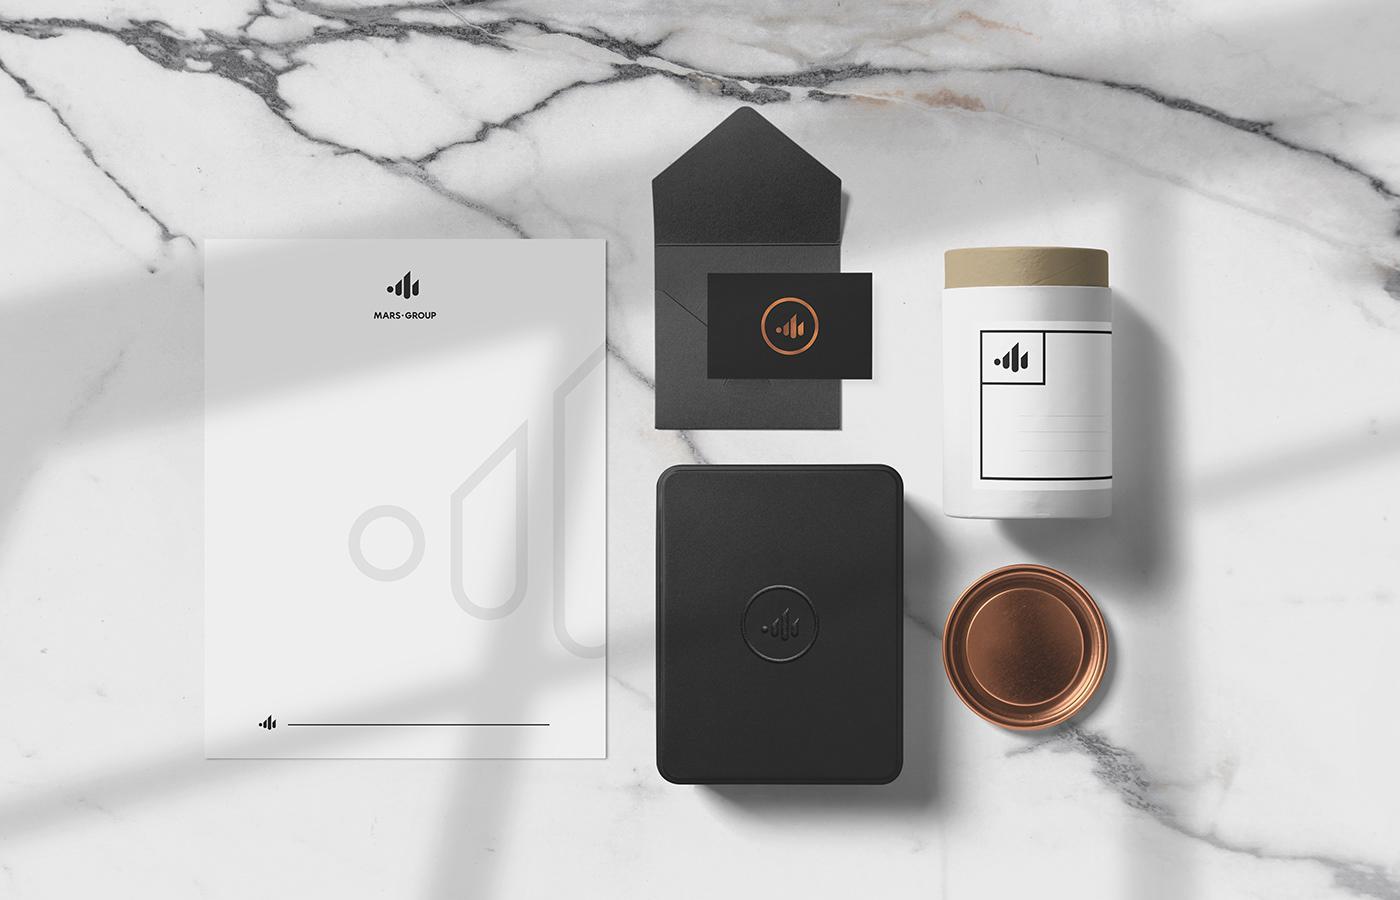 火星集团有限公司 – BIM解决方案品牌 Mars Group LTD. – BIM solutions Branding插图(14)